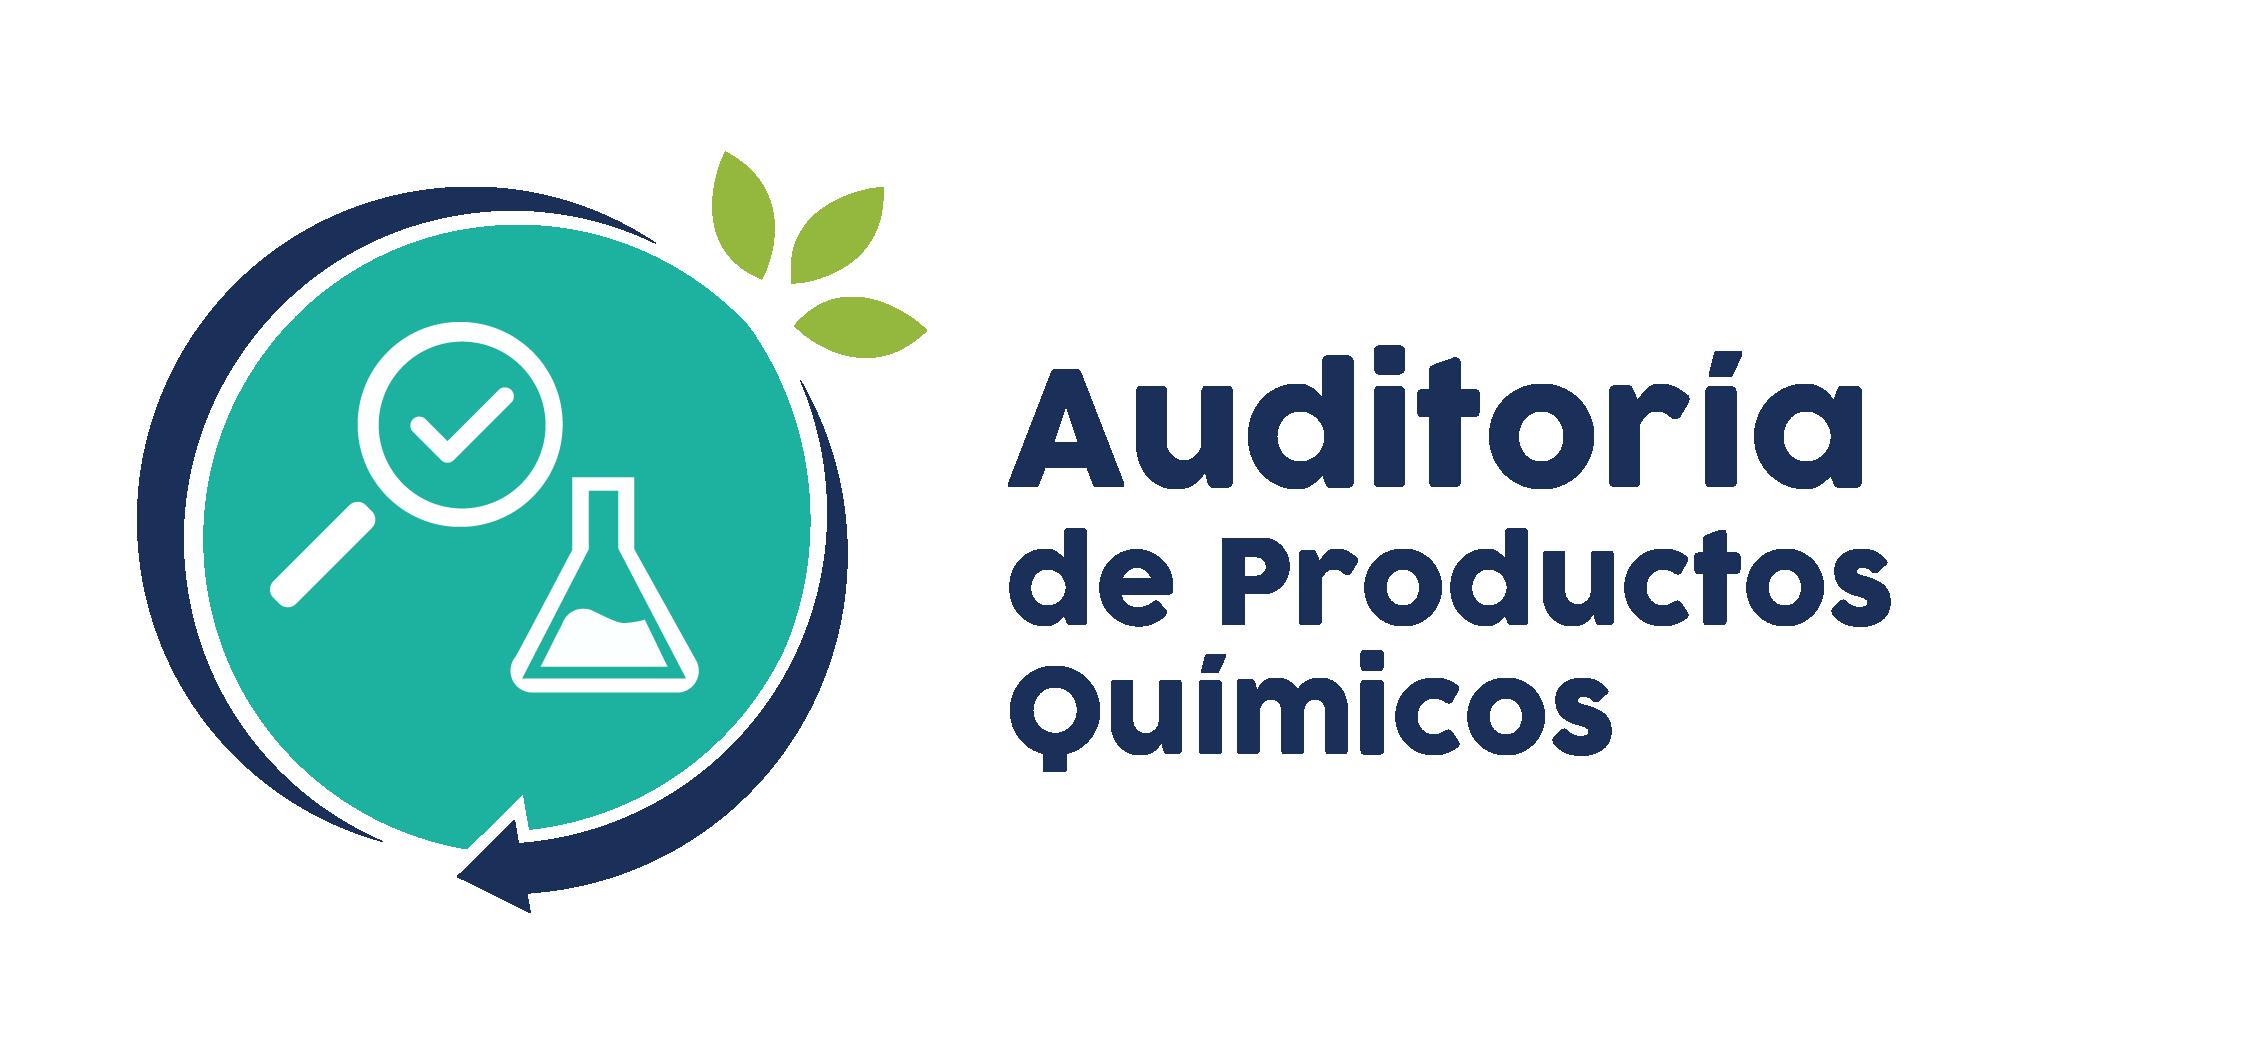 Auditoría productos químicos